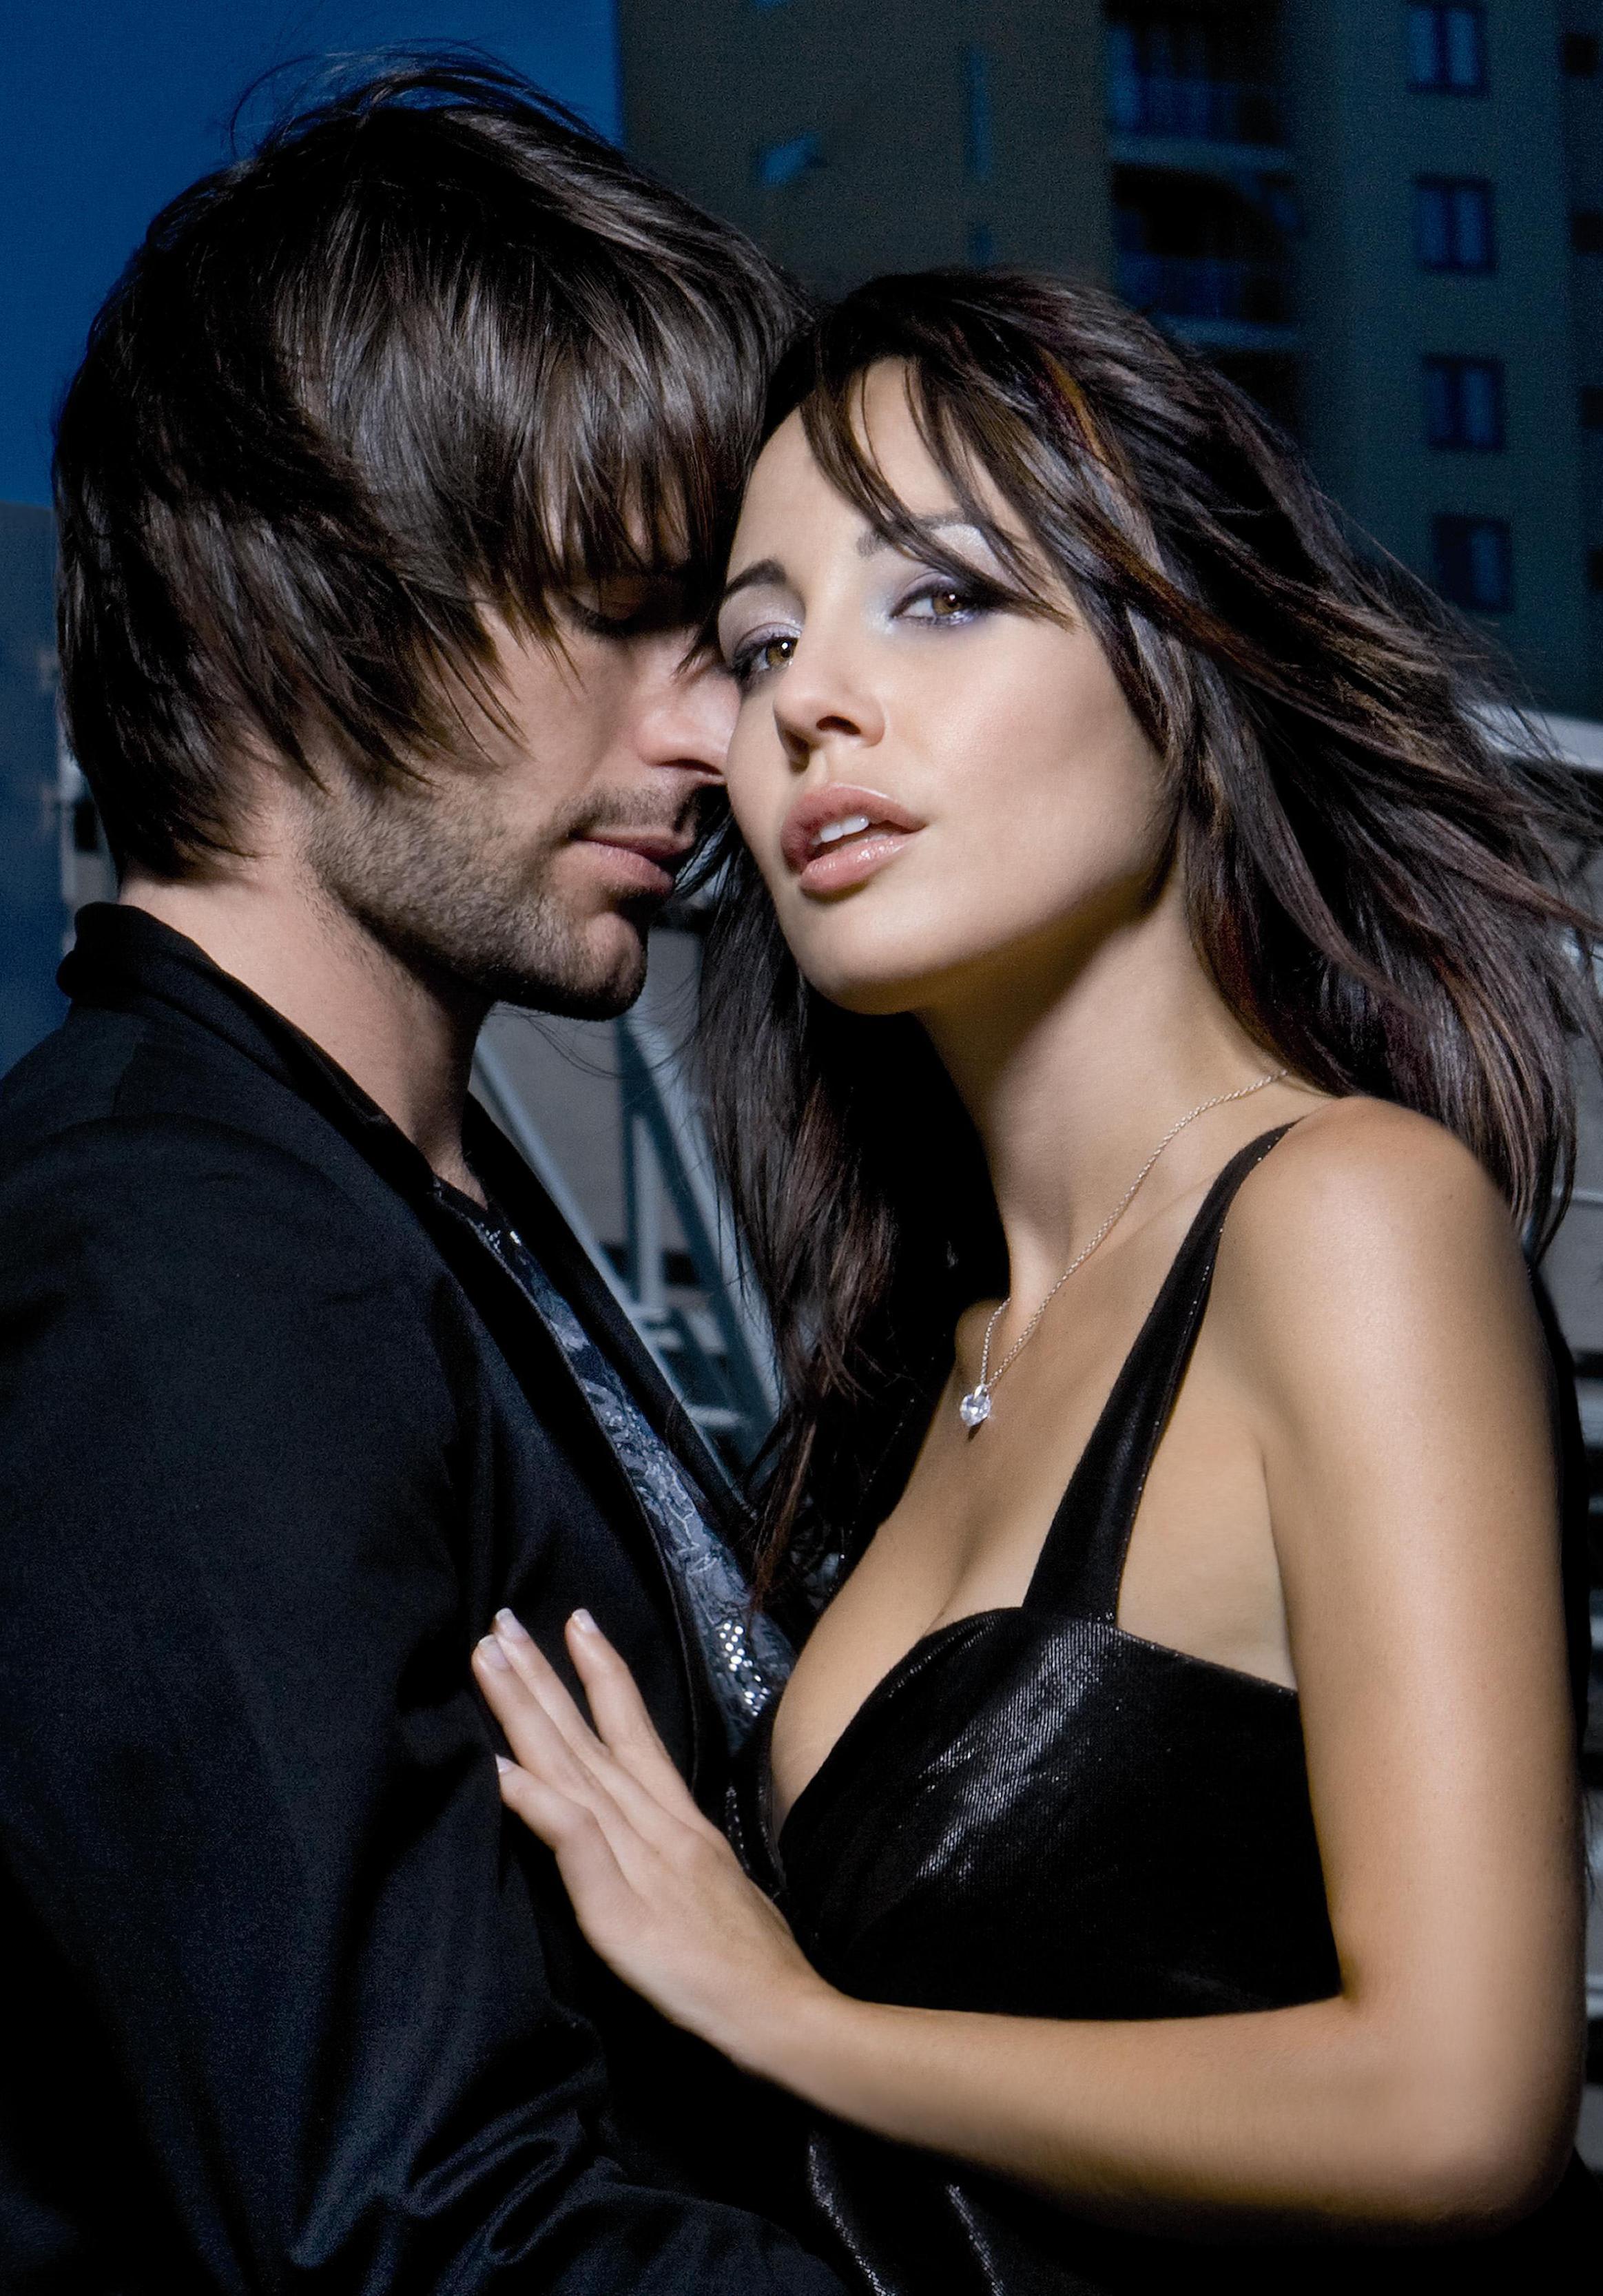 صور احضان دافئه , صور رومانسيه للعشاق احضان وقبلات ساخنه